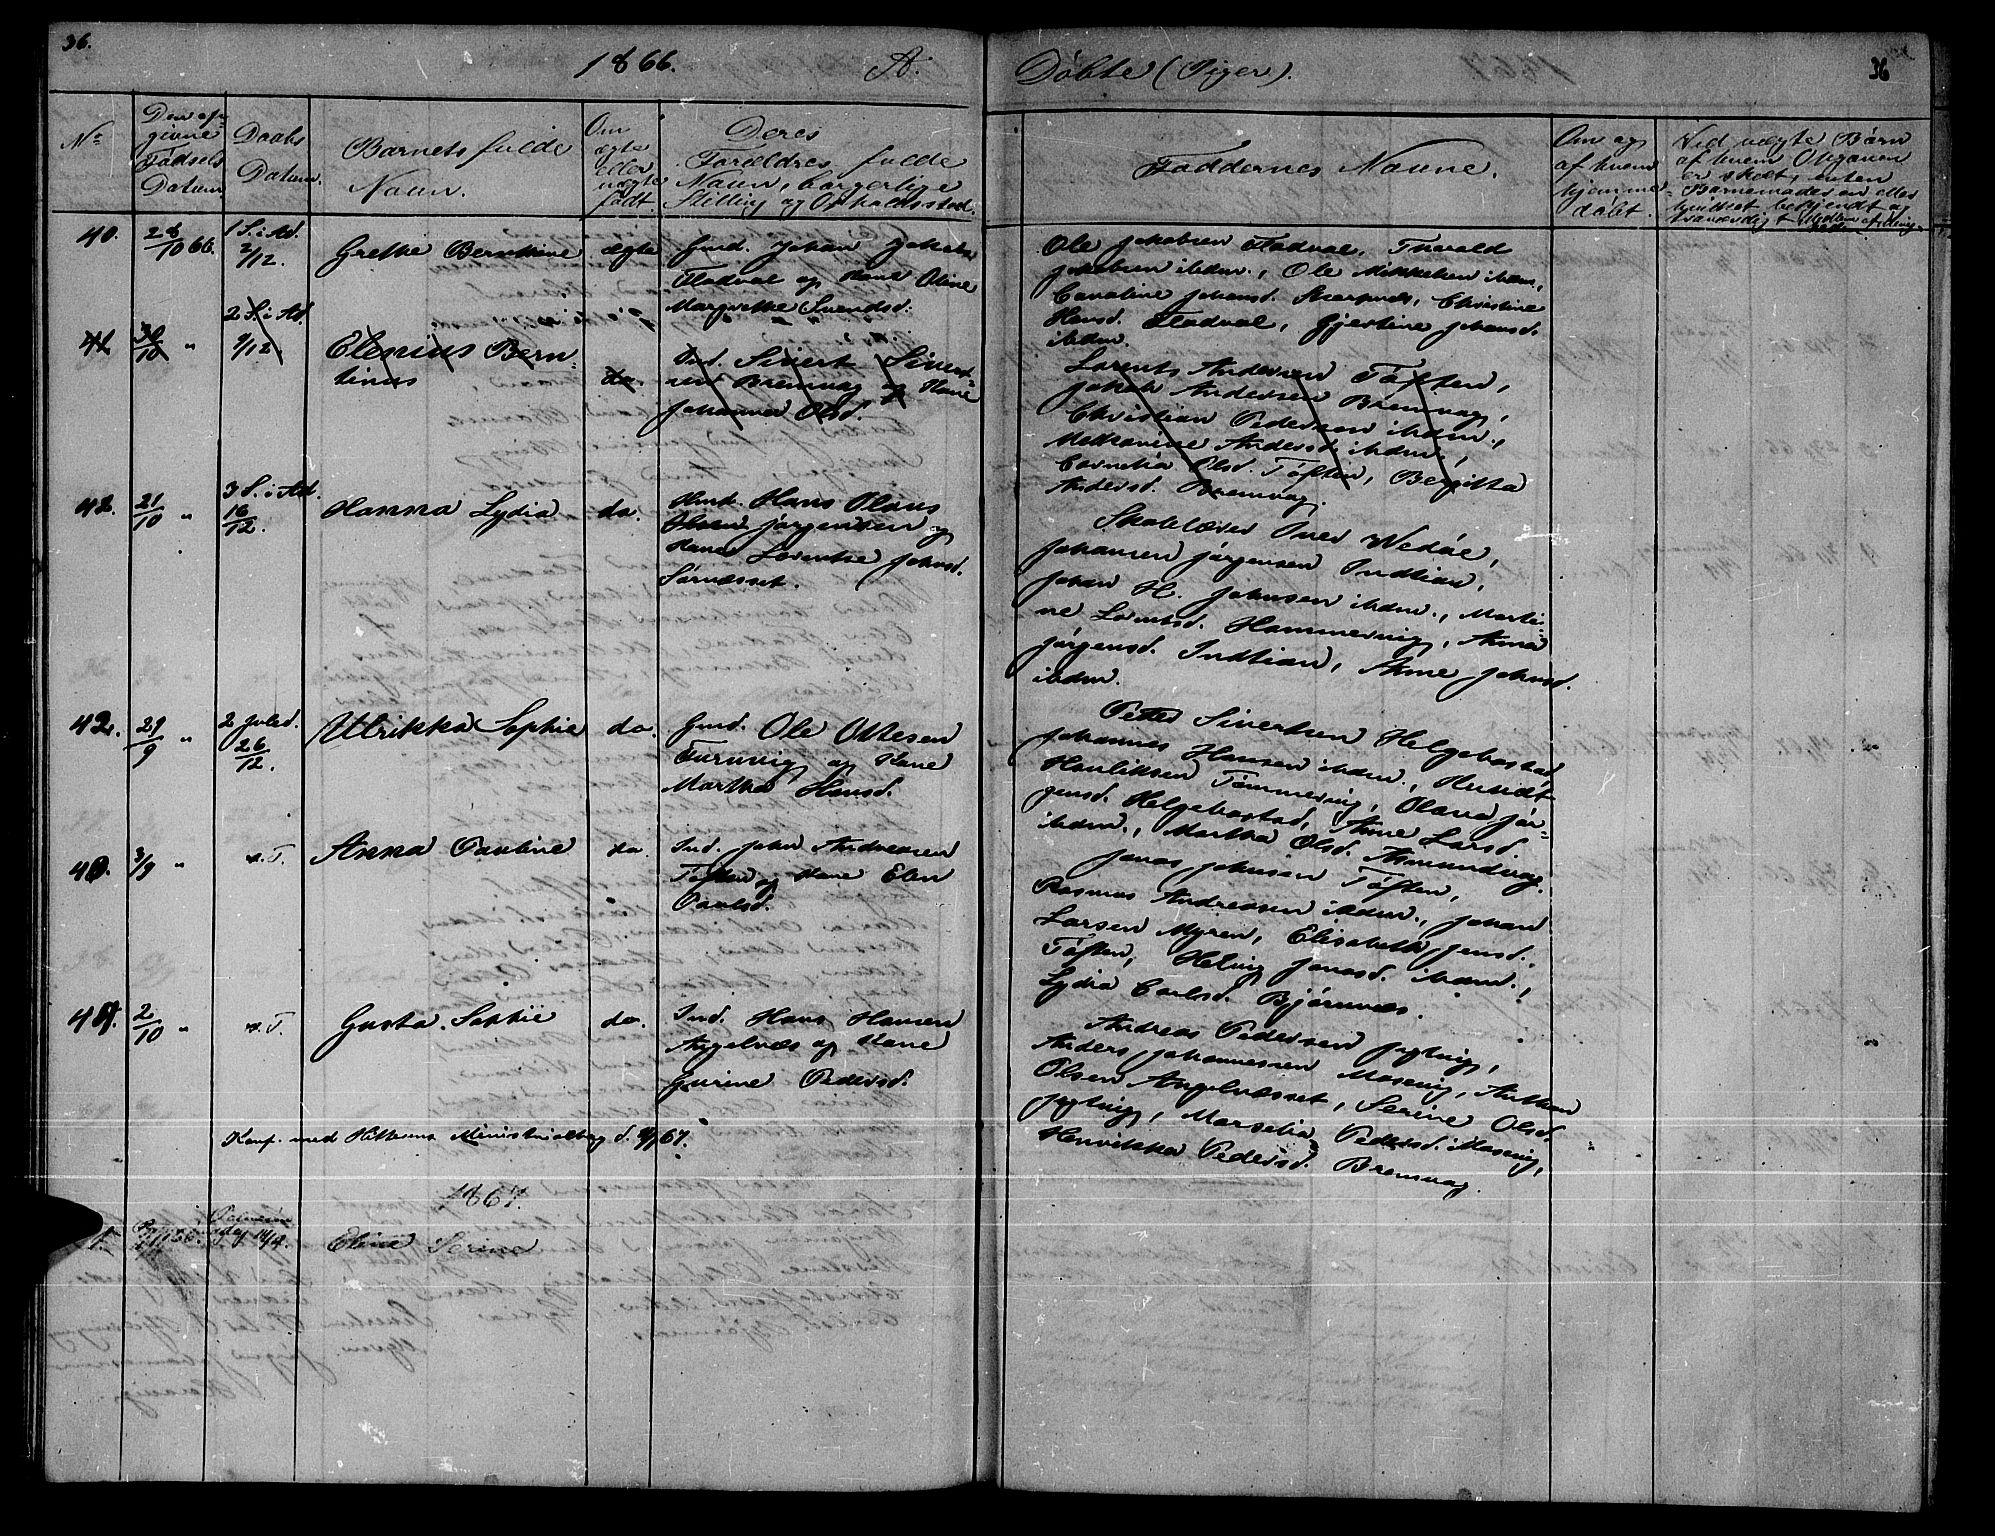 SAT, Ministerialprotokoller, klokkerbøker og fødselsregistre - Sør-Trøndelag, 634/L0539: Klokkerbok nr. 634C01, 1866-1873, s. 36